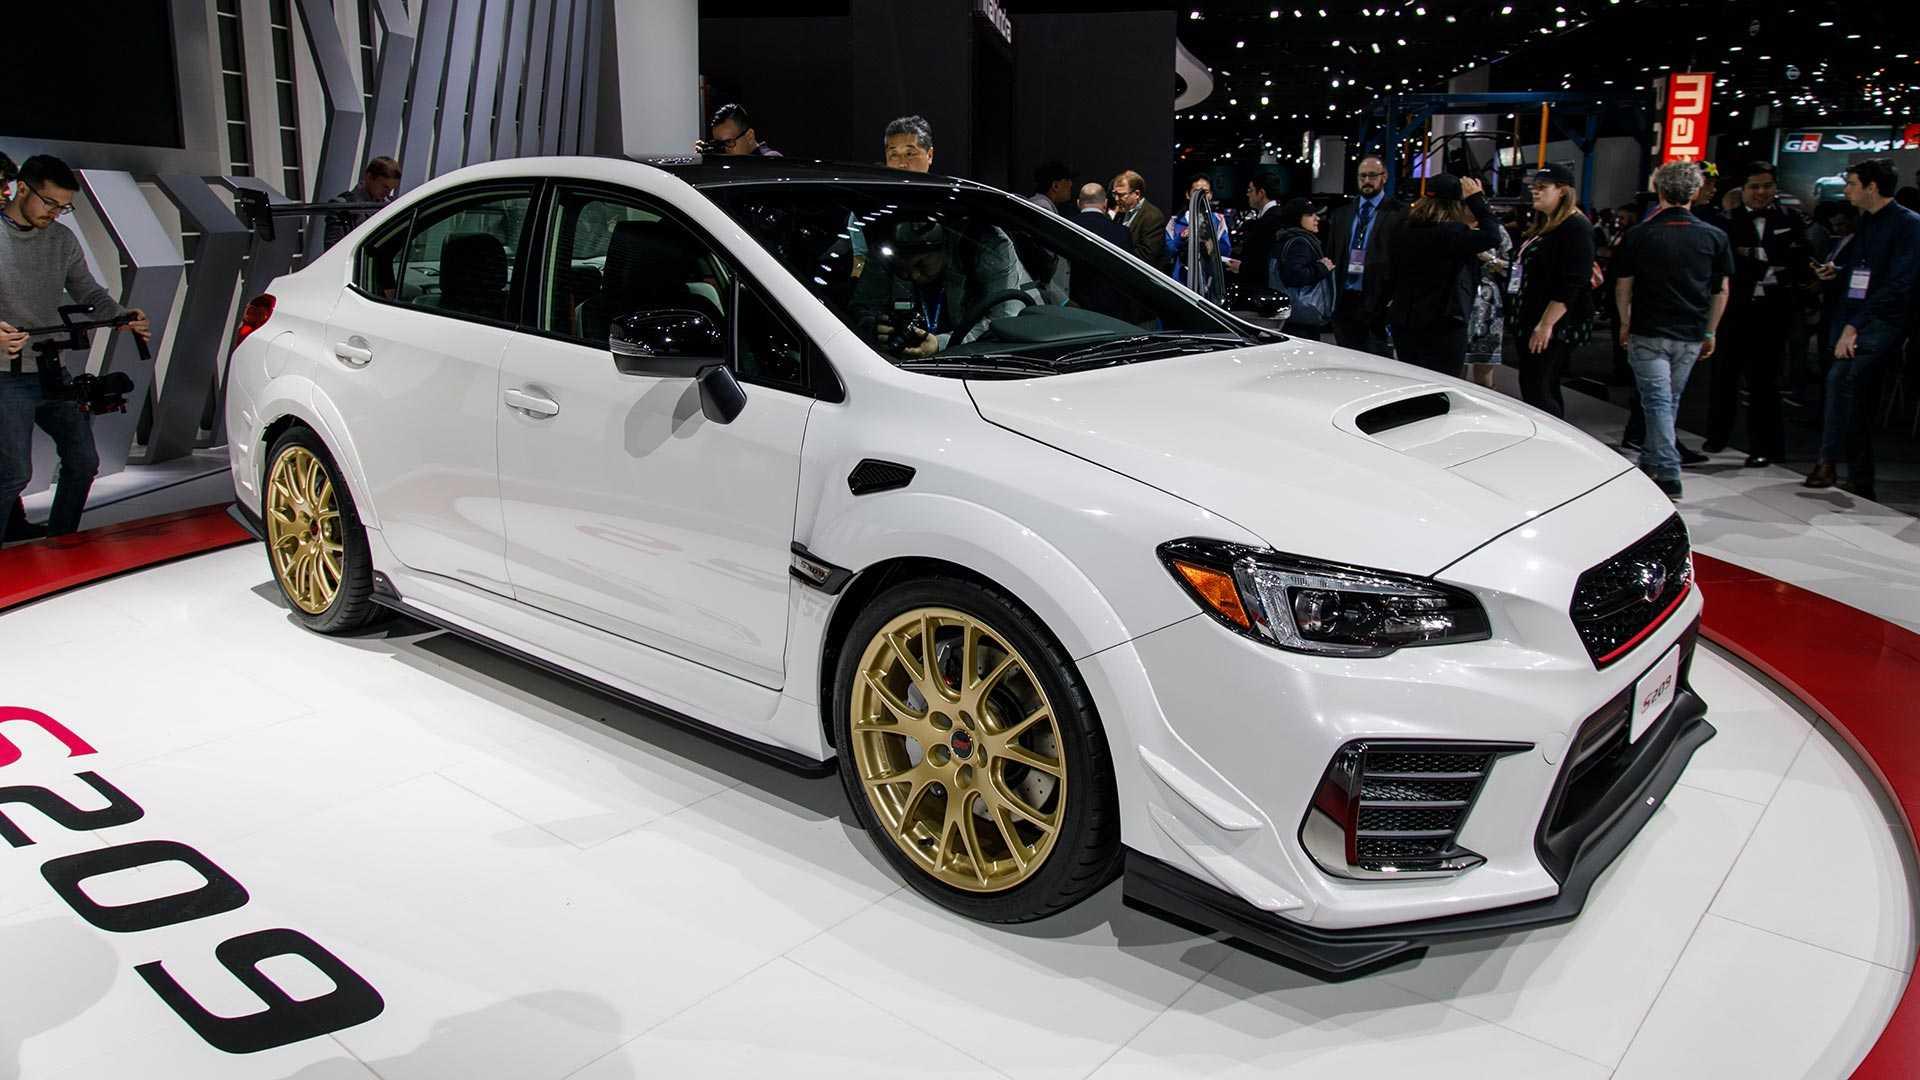 40 Concept of Subaru Impreza Sti 2019 Review for Subaru Impreza Sti 2019